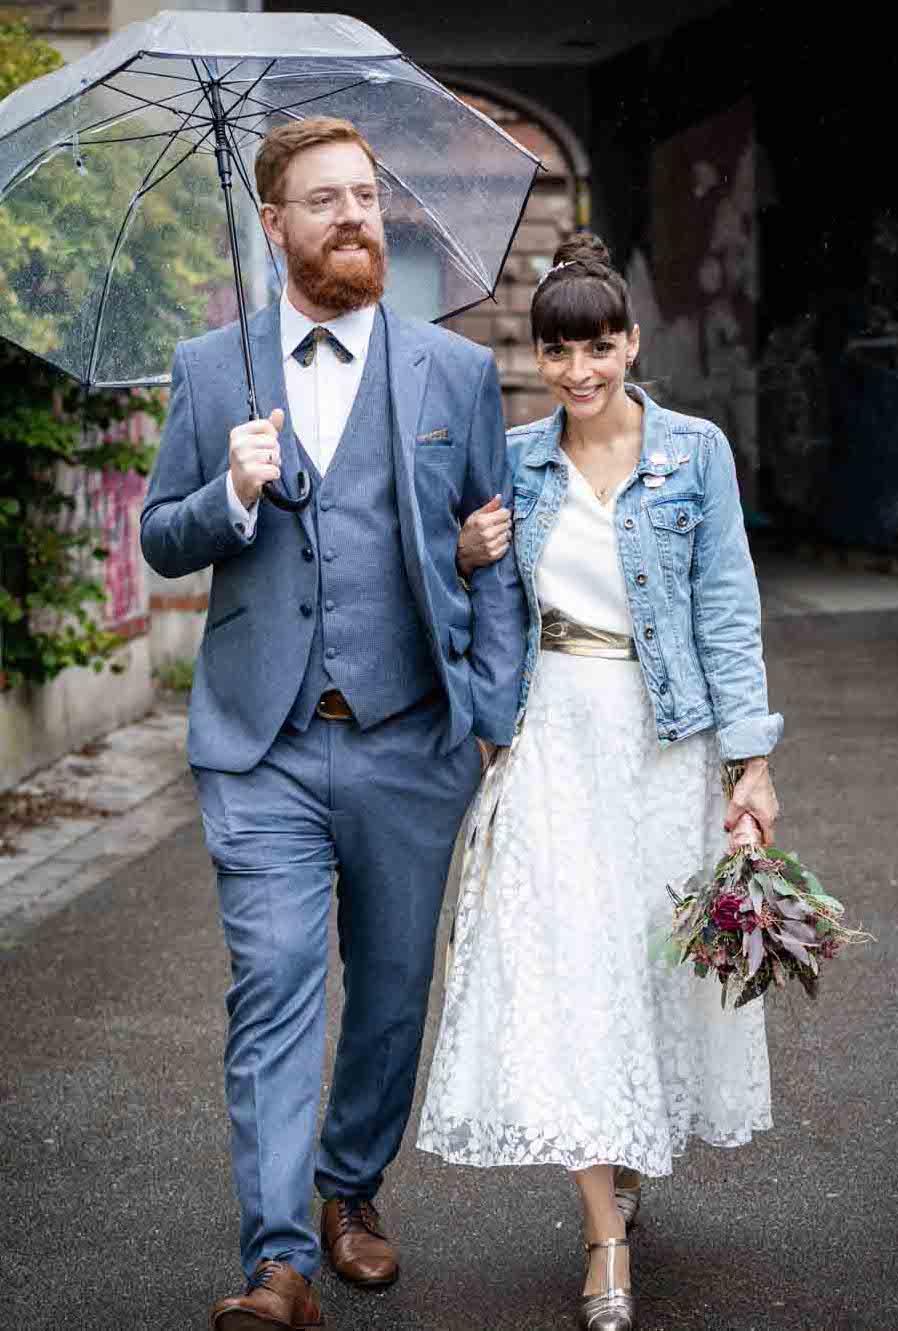 Brautpaar mit Brautpaar auf Strasse, Bräutigam mit blauem Dreiteiler und Fliege und Regenschirm, Braut mit Jeansjacke und Midi-Kleid in Ivory, Brautstrauss haltend